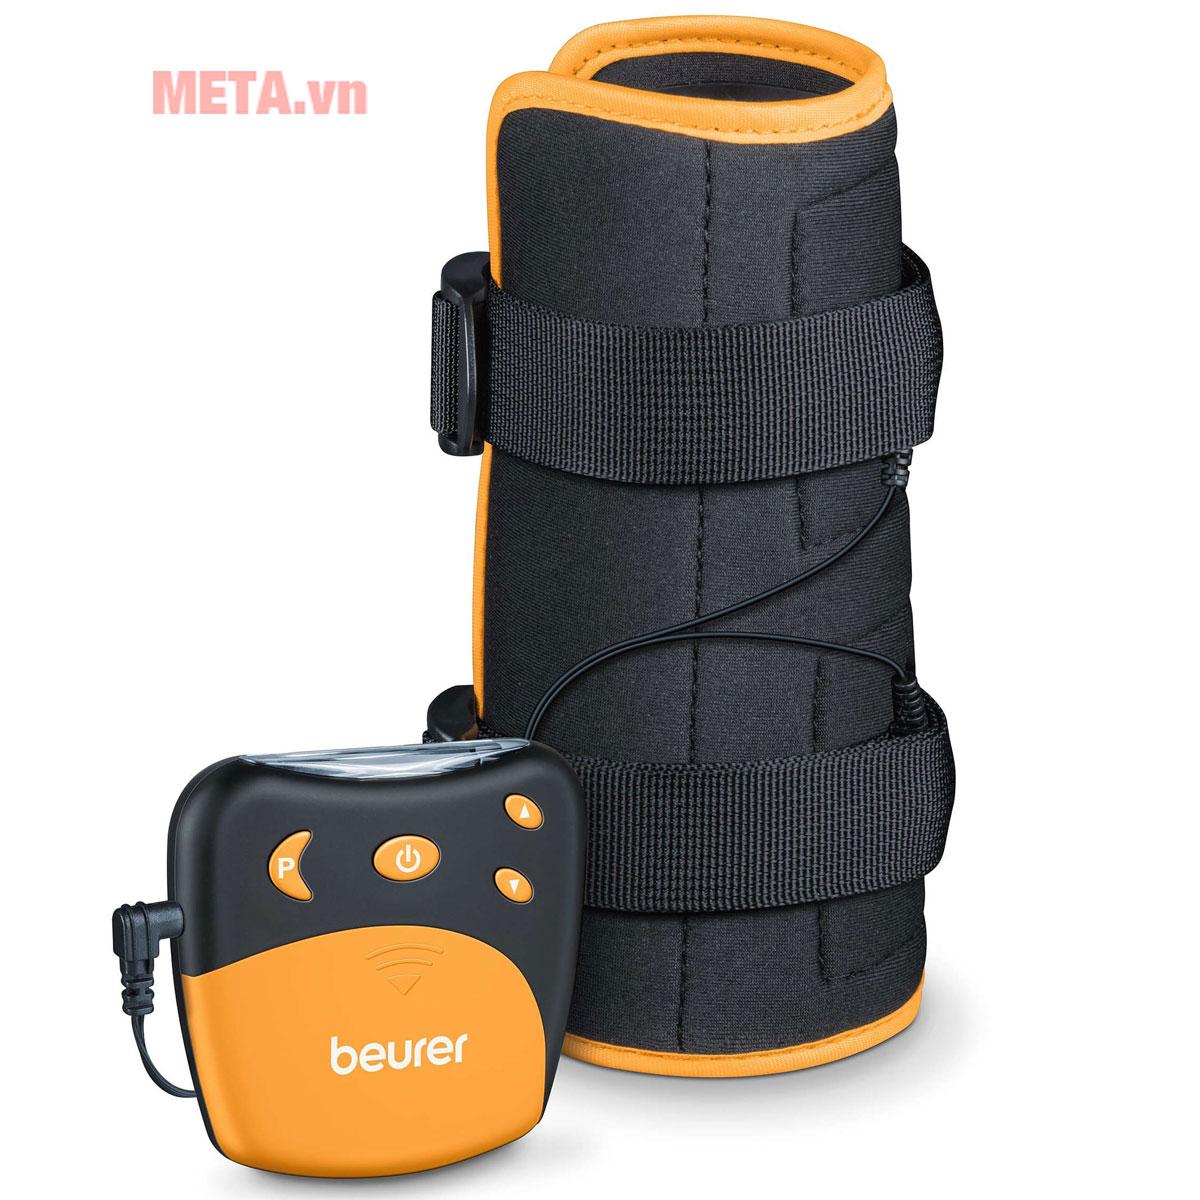 Thiết bị xung điện giúp giảm đau hiệu quả ở cổ tay, cẳng tay